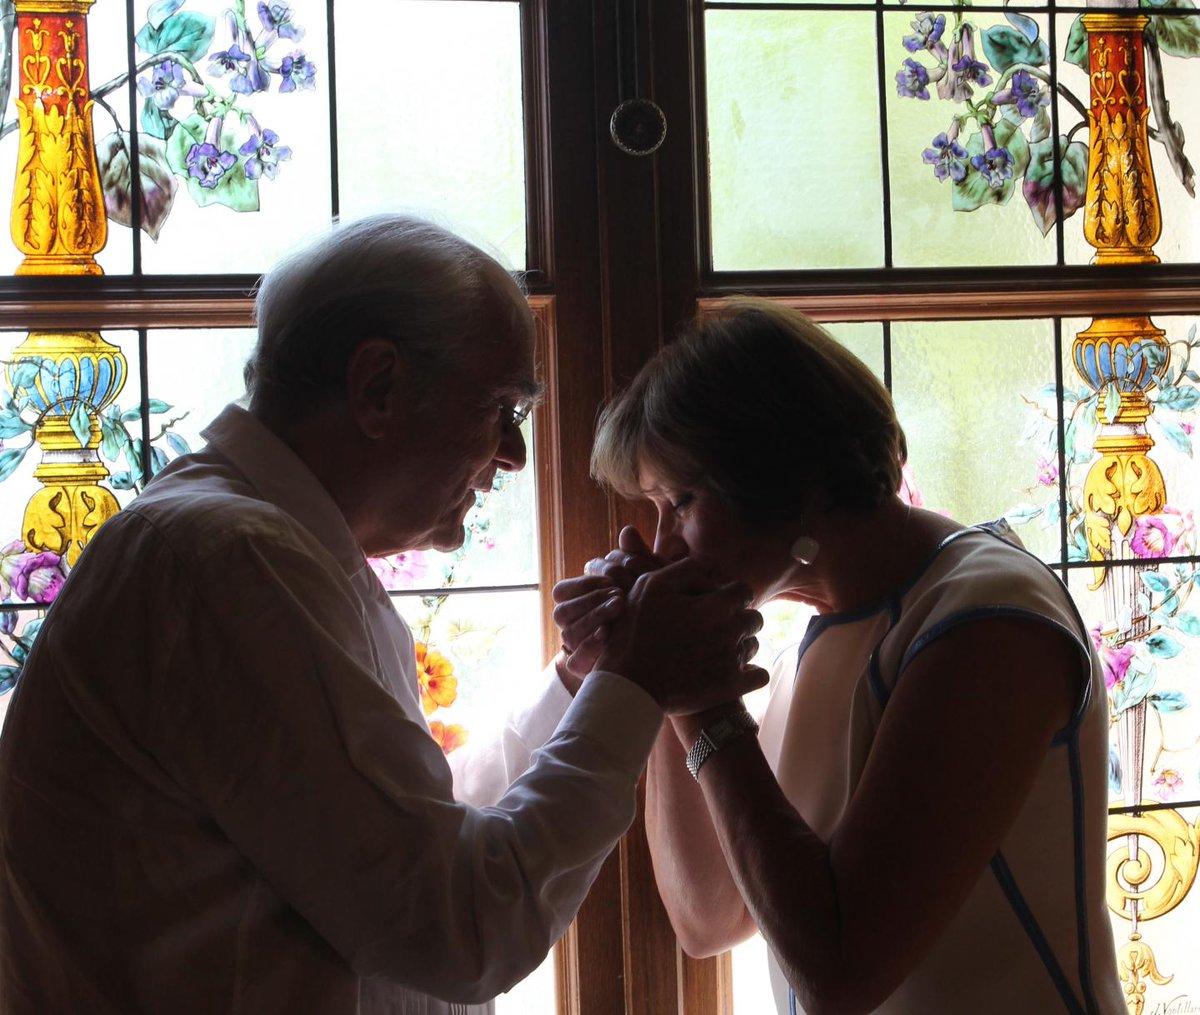 敬老の日ぼくの祖父母の赤い糸    Respect for the Aged Day  the red string of fate between the grand-mom-'n'-dad of me b-e-i-n-g       💑     💑 💑    💑   💑  📷#Photography from:@FabyREVE  #NationalGrandparentsDay  #敬老の日 #赤い糸  #MichelLegrand🇫🇷#MachaMeril